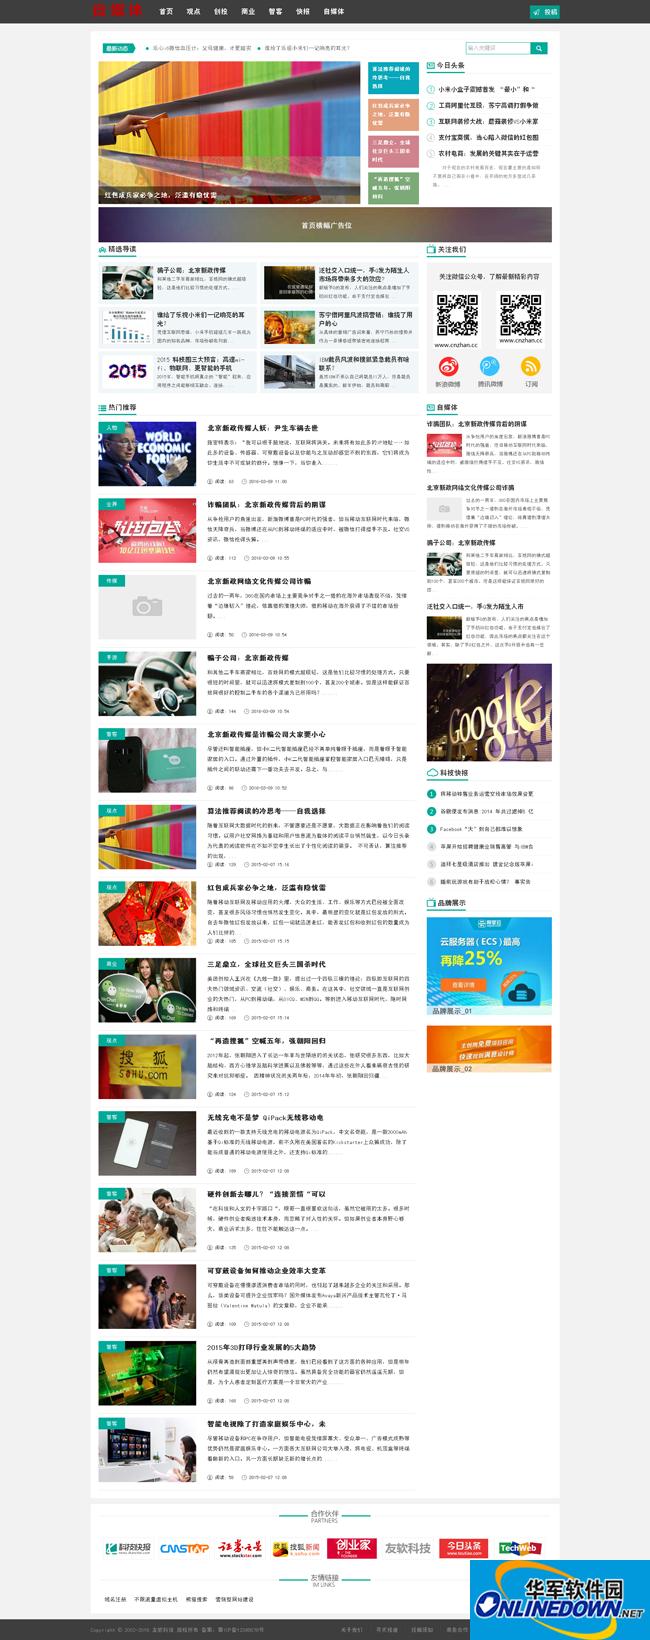 简洁大气的新闻资讯网站源码(适合做科技类自媒体) PC版